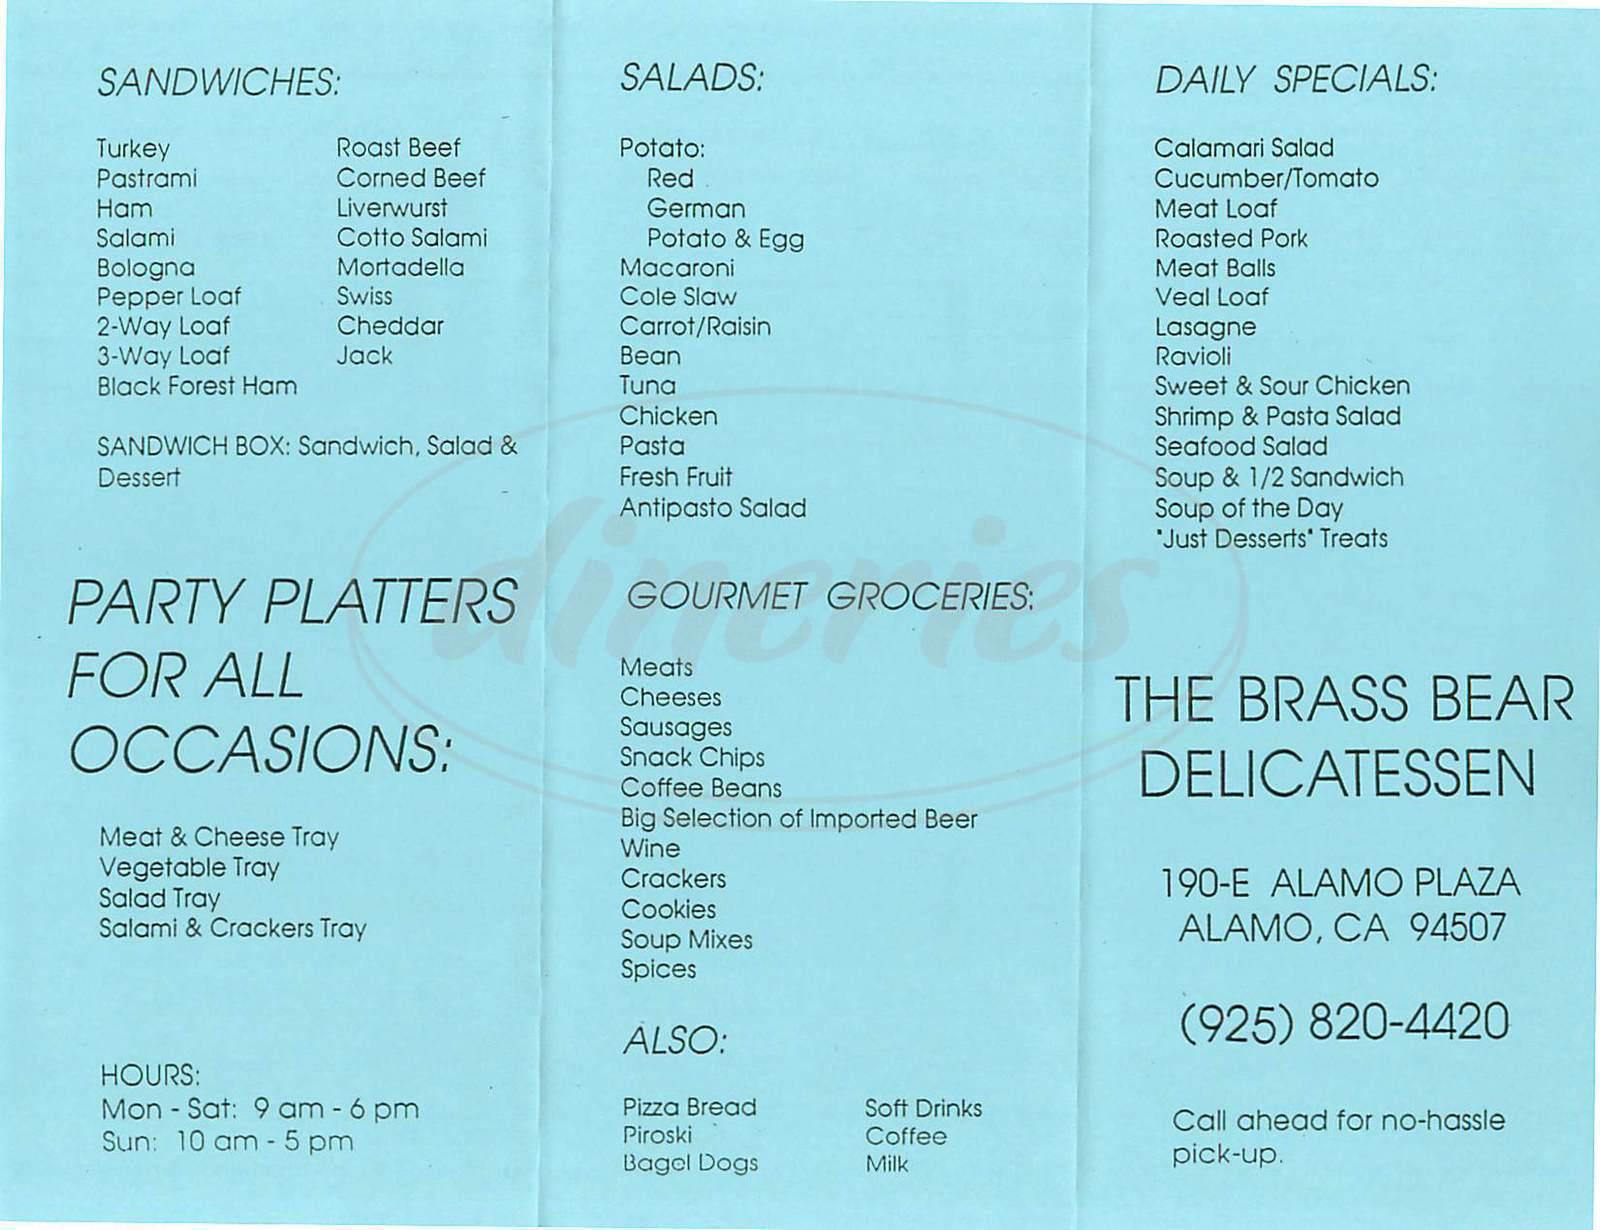 menu for The Brass Bear